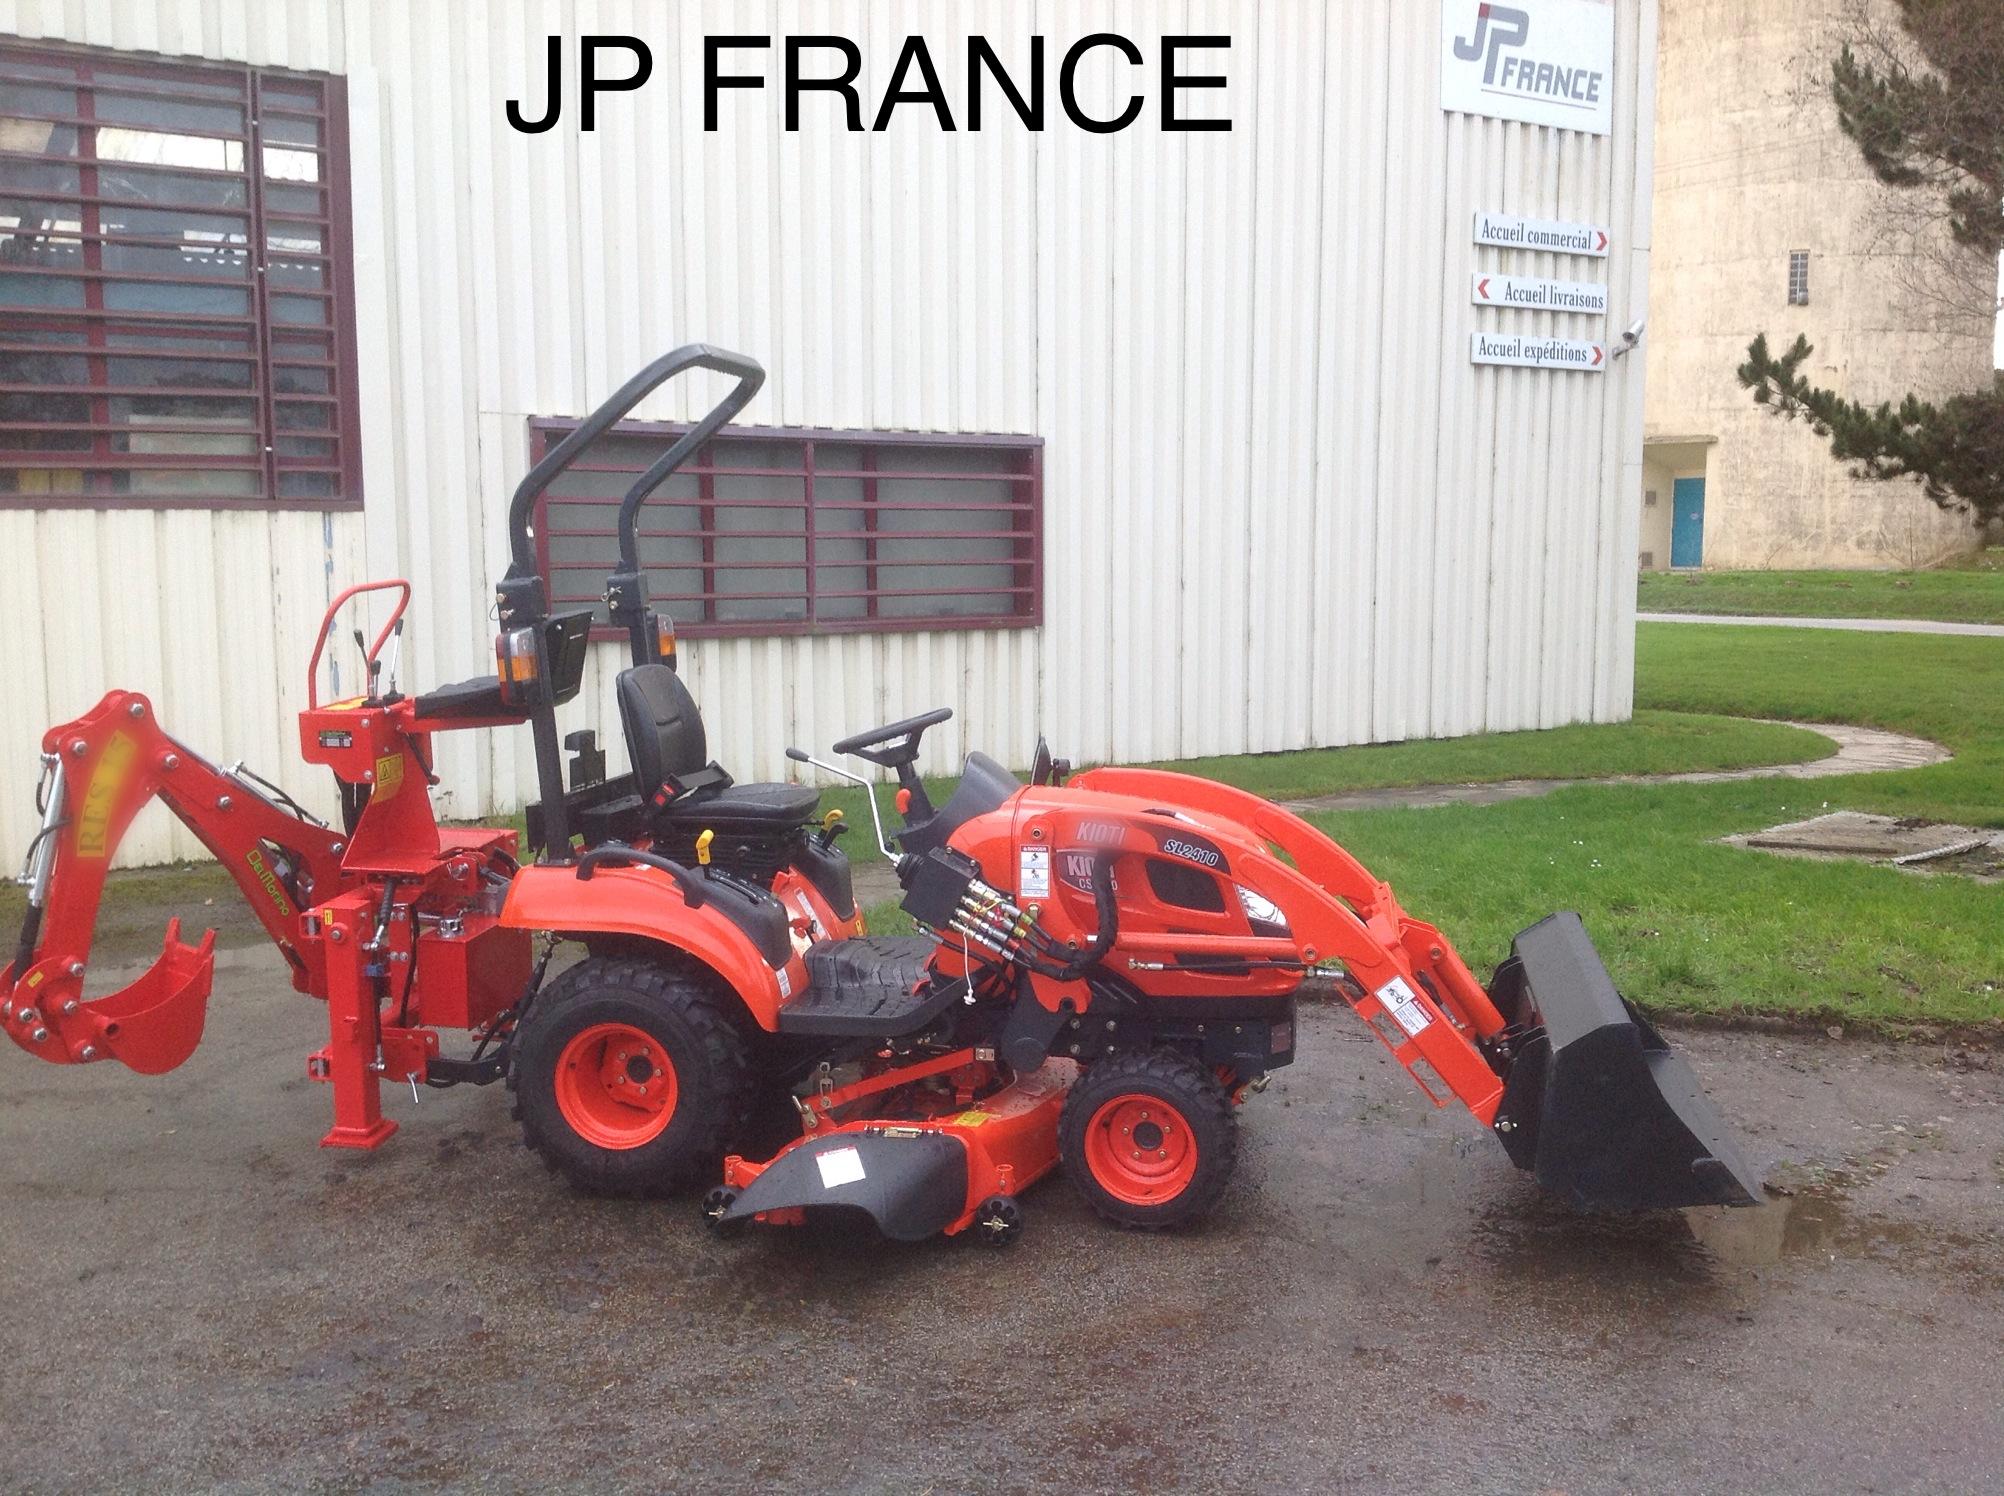 Jp france kioti 26cv hst chargeur tond ventrale pelle retro promotions promotions - Mini tracteur tondeuse ...